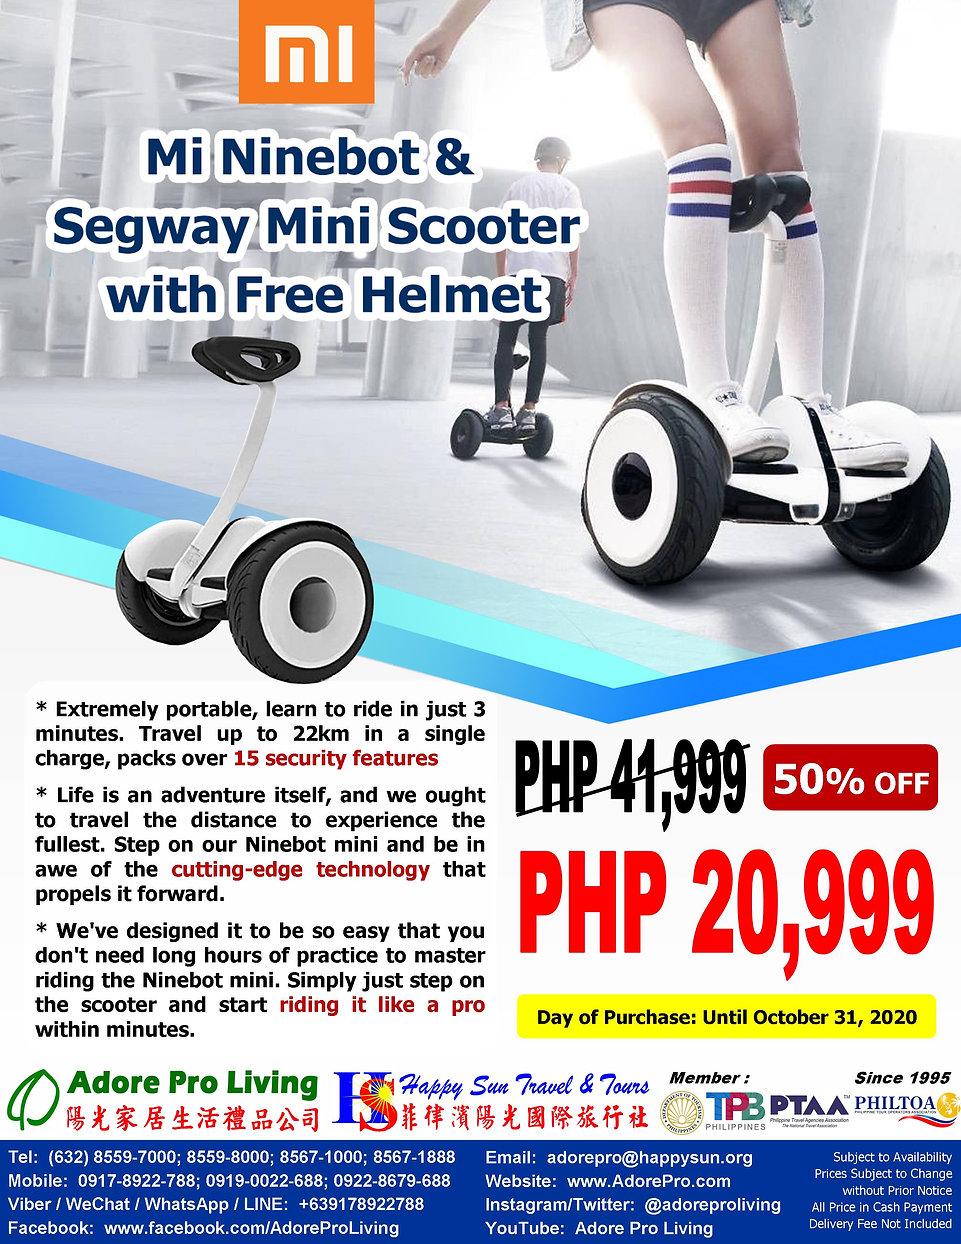 2.NinebotSegwayMiniScooter_Mi_20201014.j